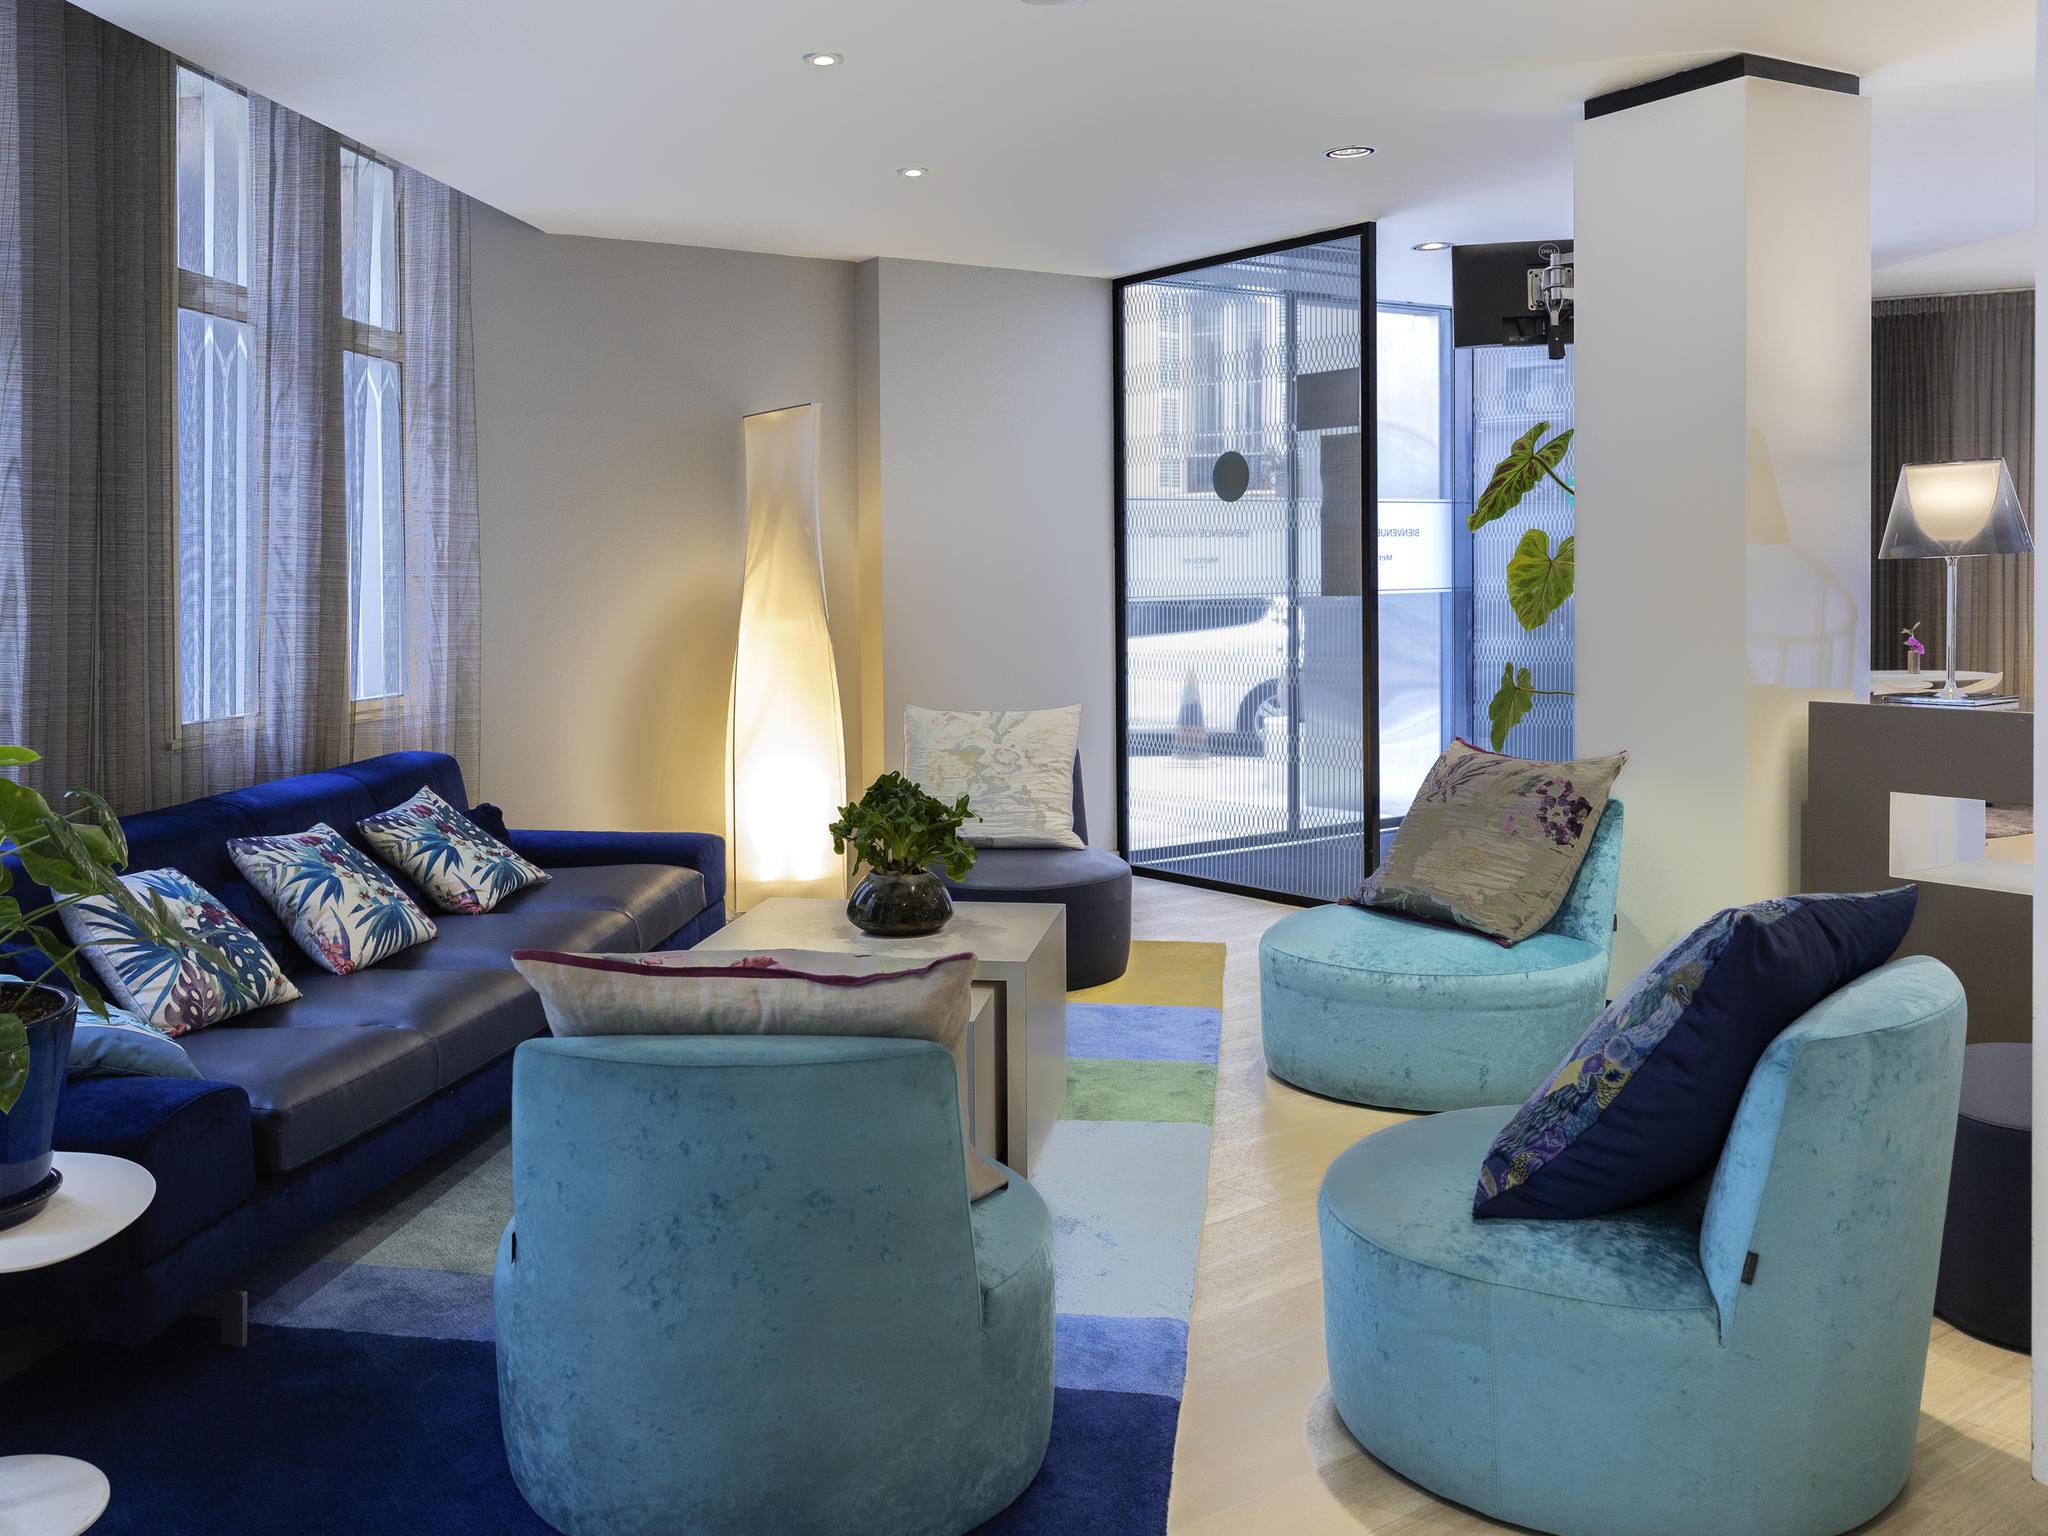 Hotel – Hotel Mercure Nice Centre Grimaldi